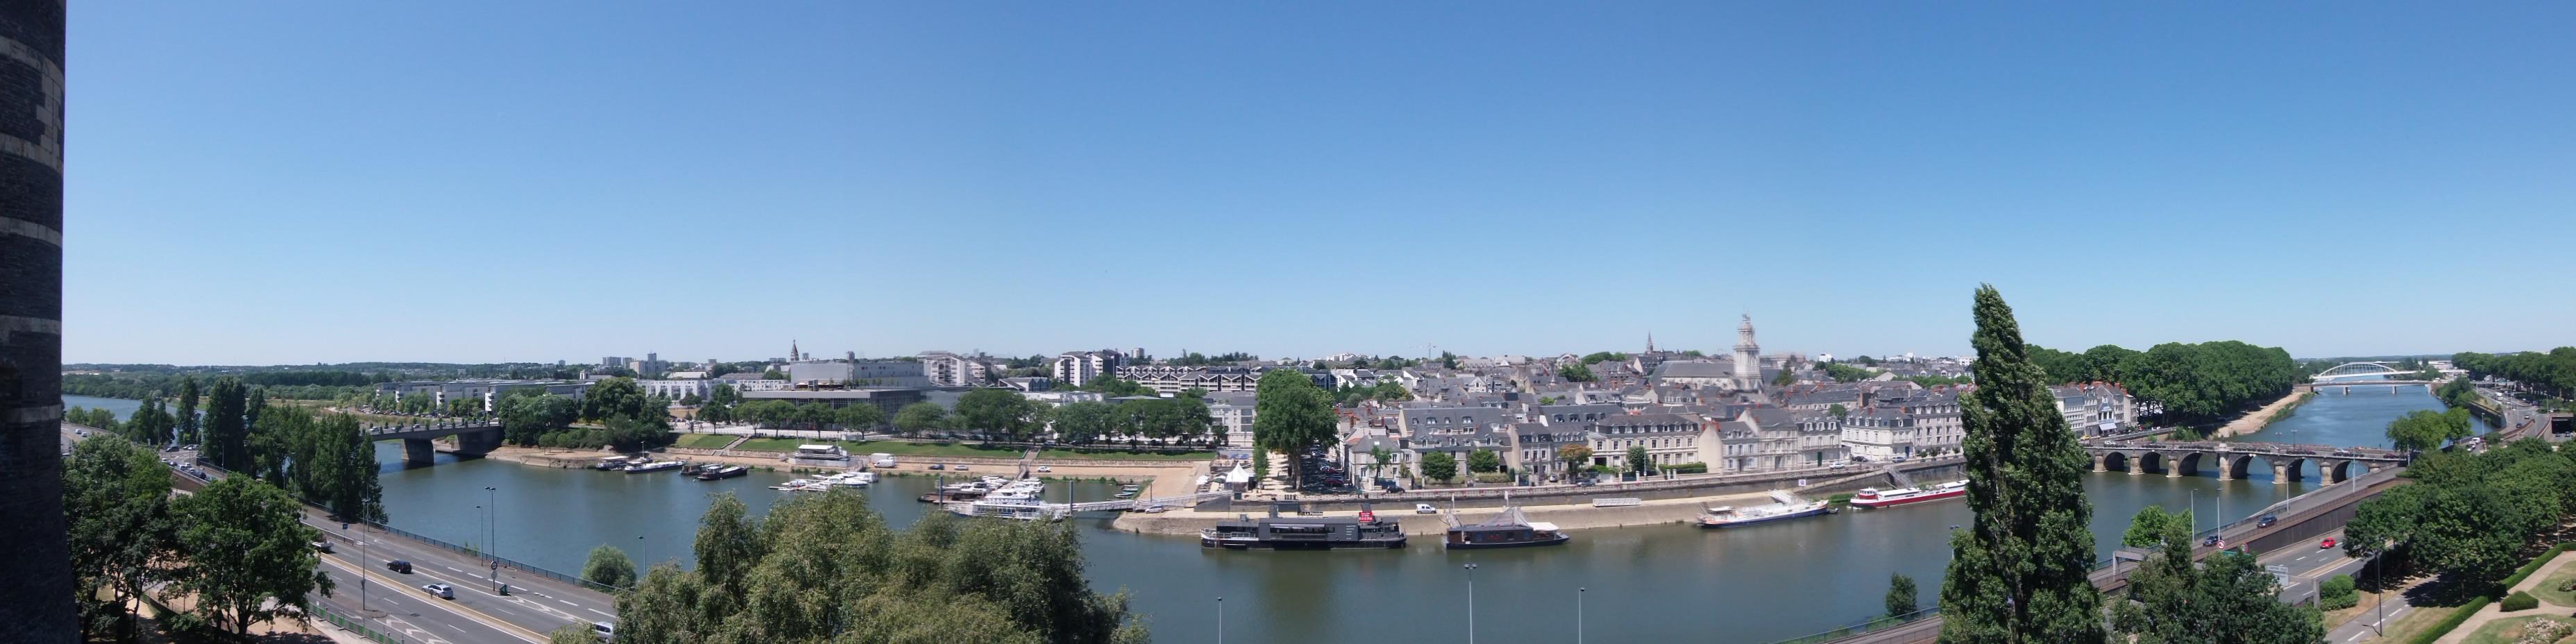 Du Bout Du Monde file angers promenade du bout du monde 2015a jpg wikimedia commons